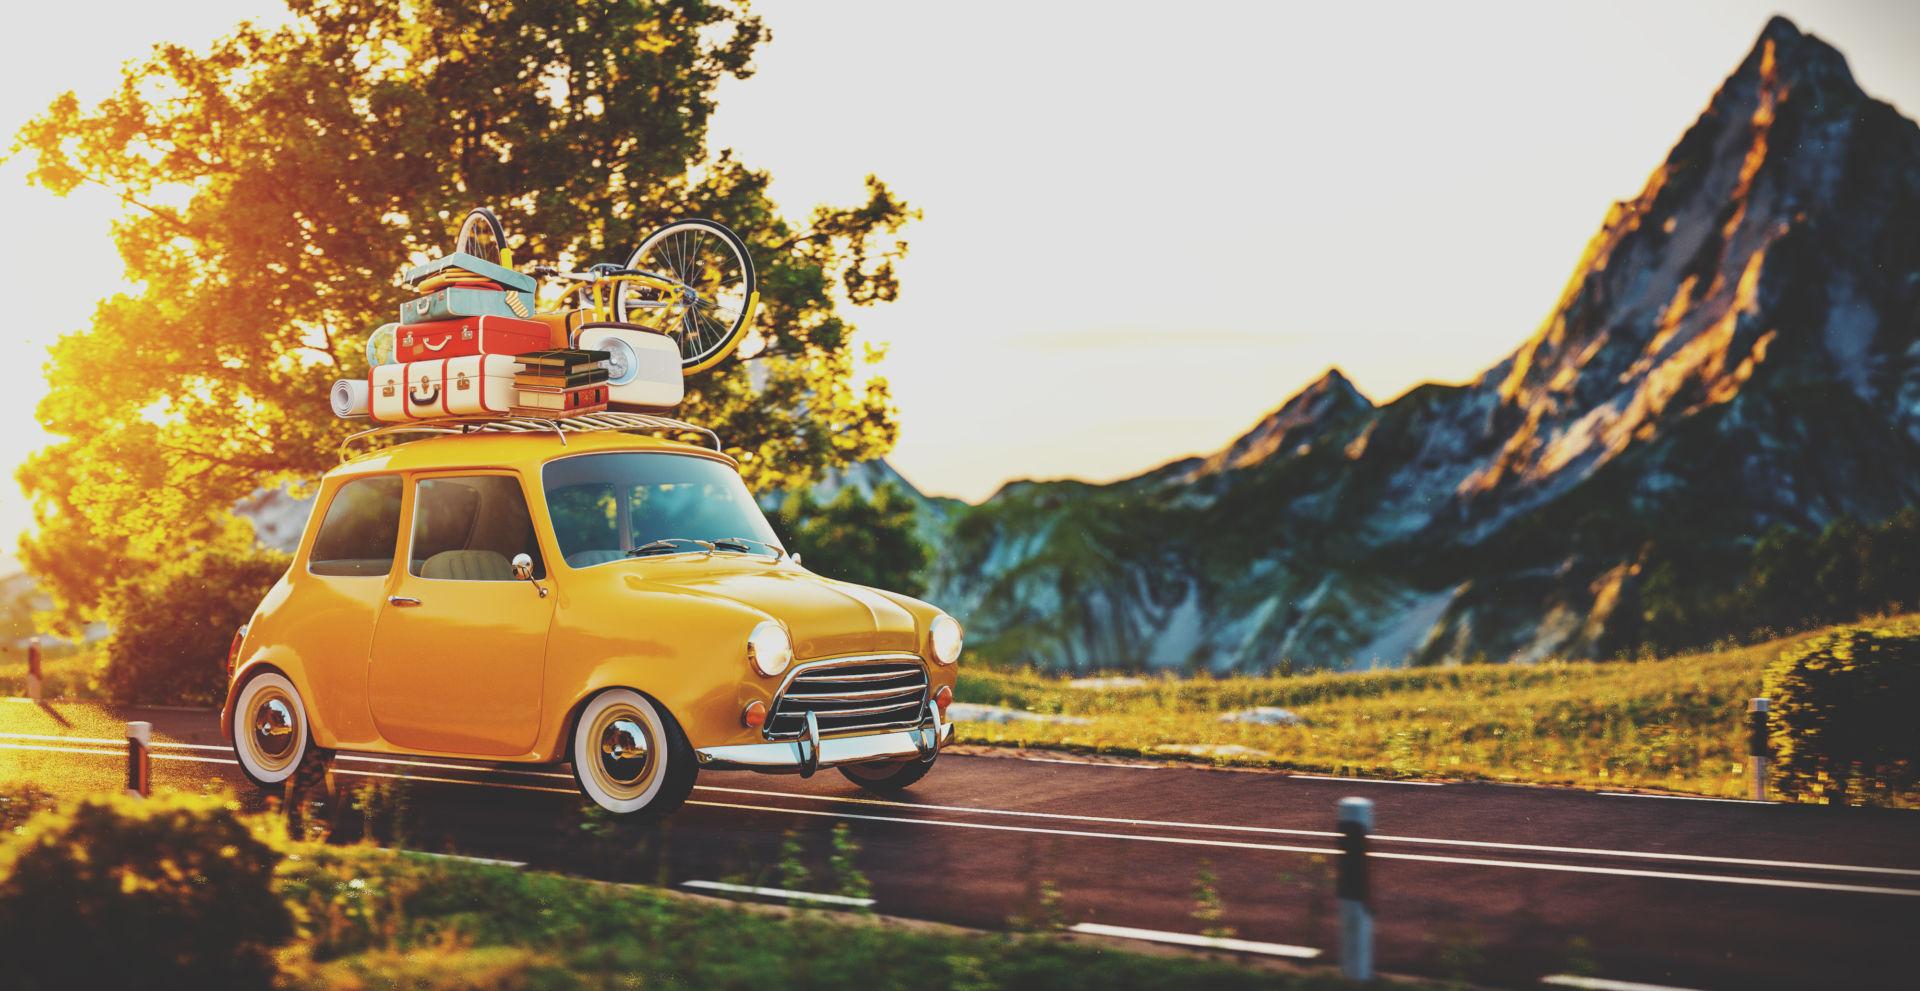 pieni keltainen auto jonka katto on pakattu täyteen tavaraa